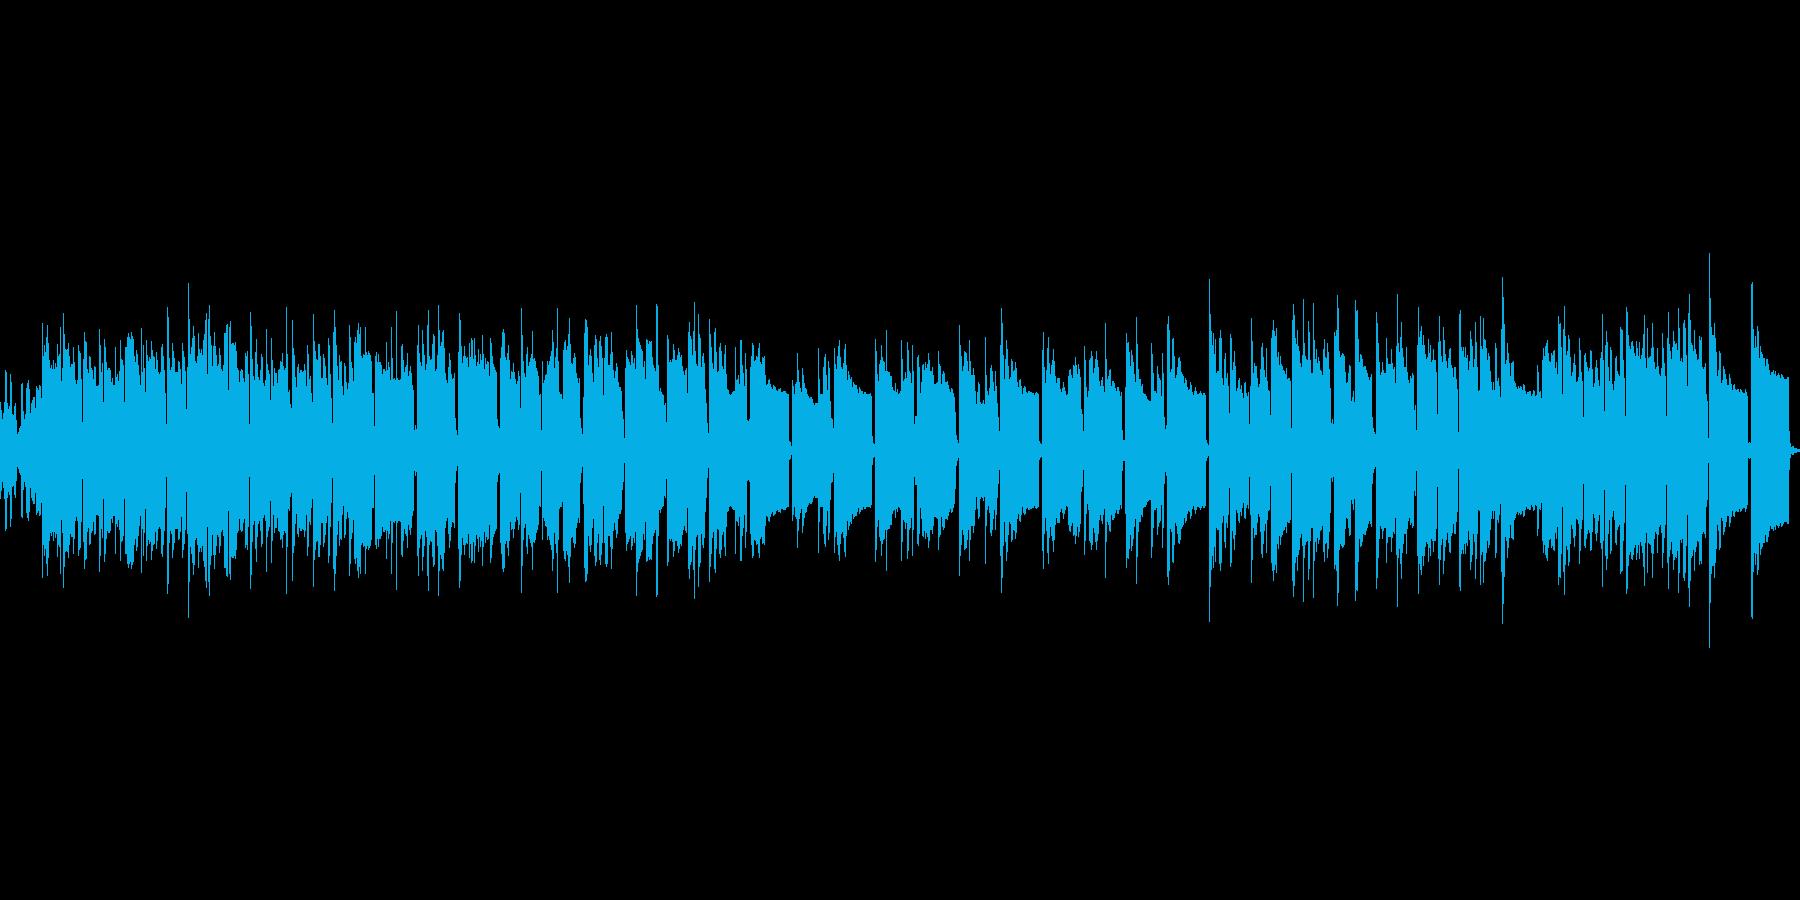 宝石箱をイメージしたオルゴール風の曲の再生済みの波形